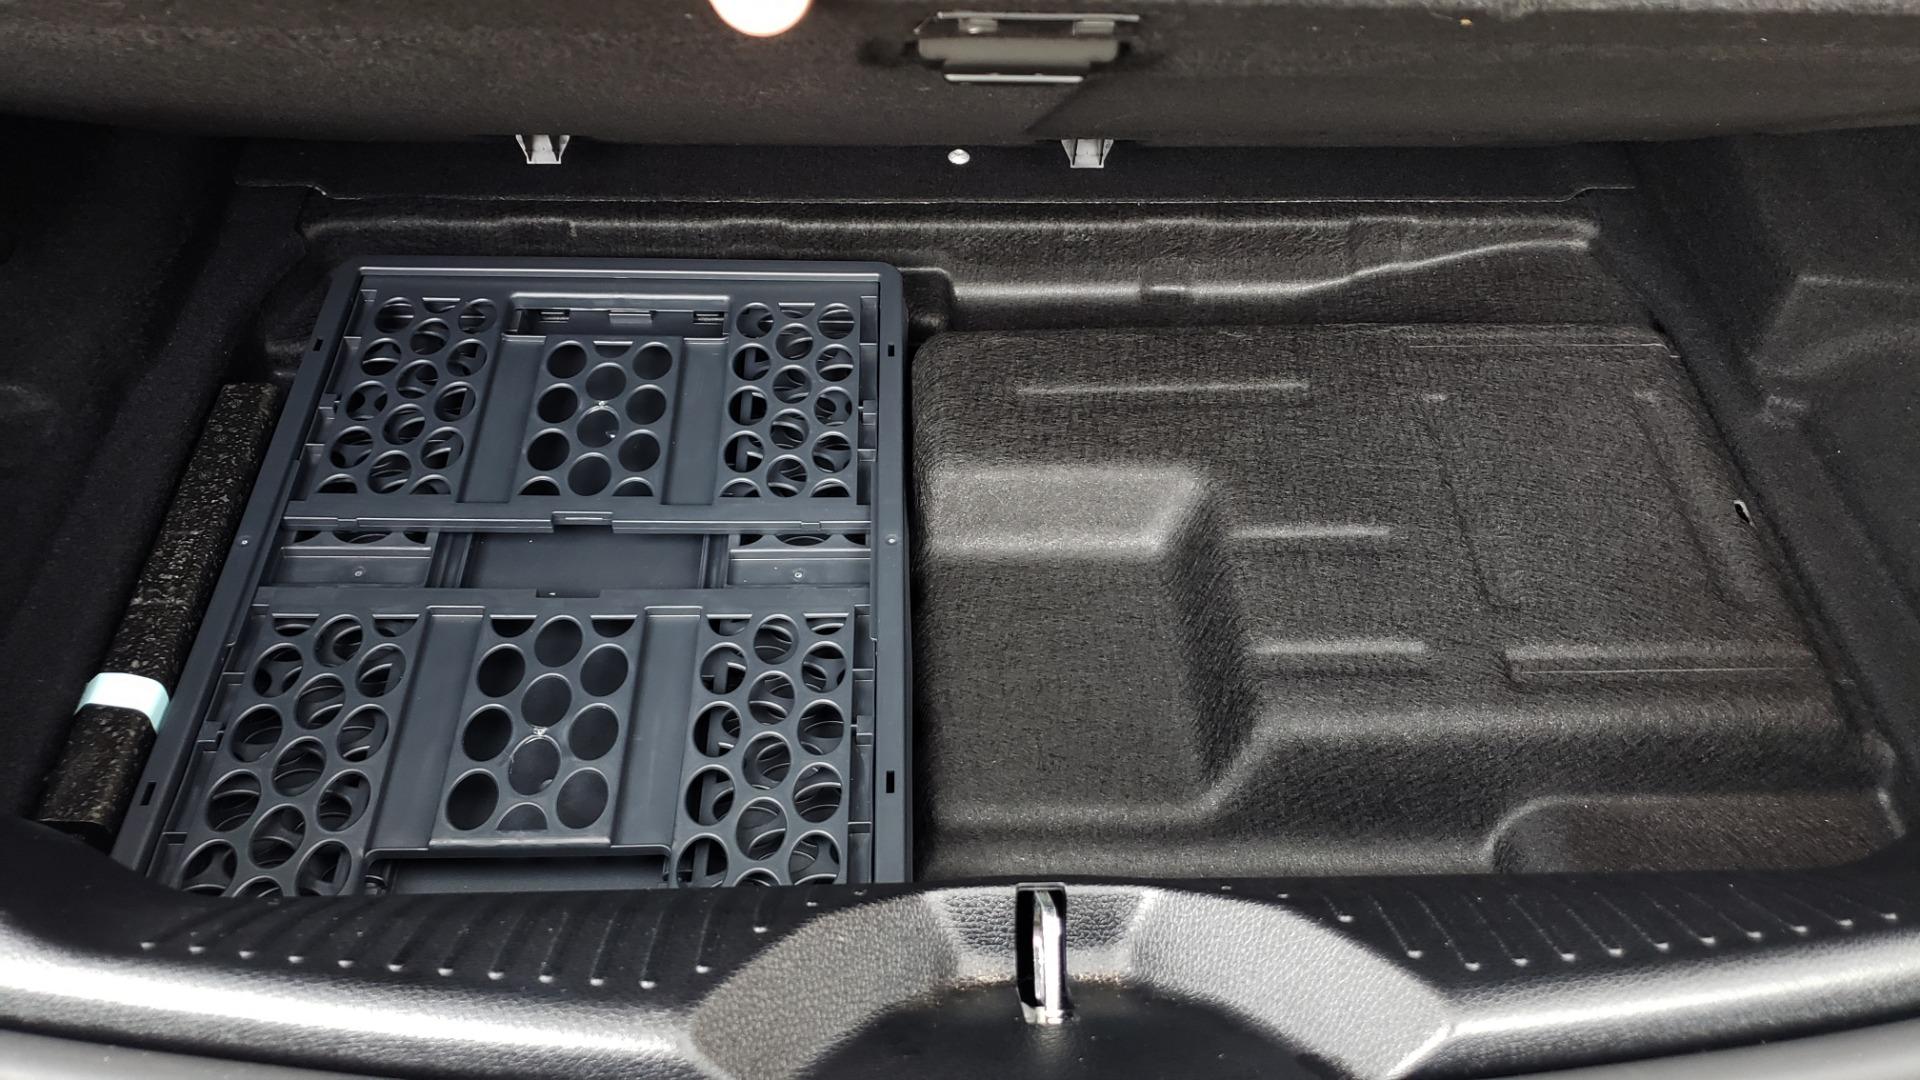 Used 2019 Mercedes-Benz C-CLASS C 300 CABRIOLET / PREM PKG / NAV / BURMESTER / MULTIMEDIA for sale Sold at Formula Imports in Charlotte NC 28227 66